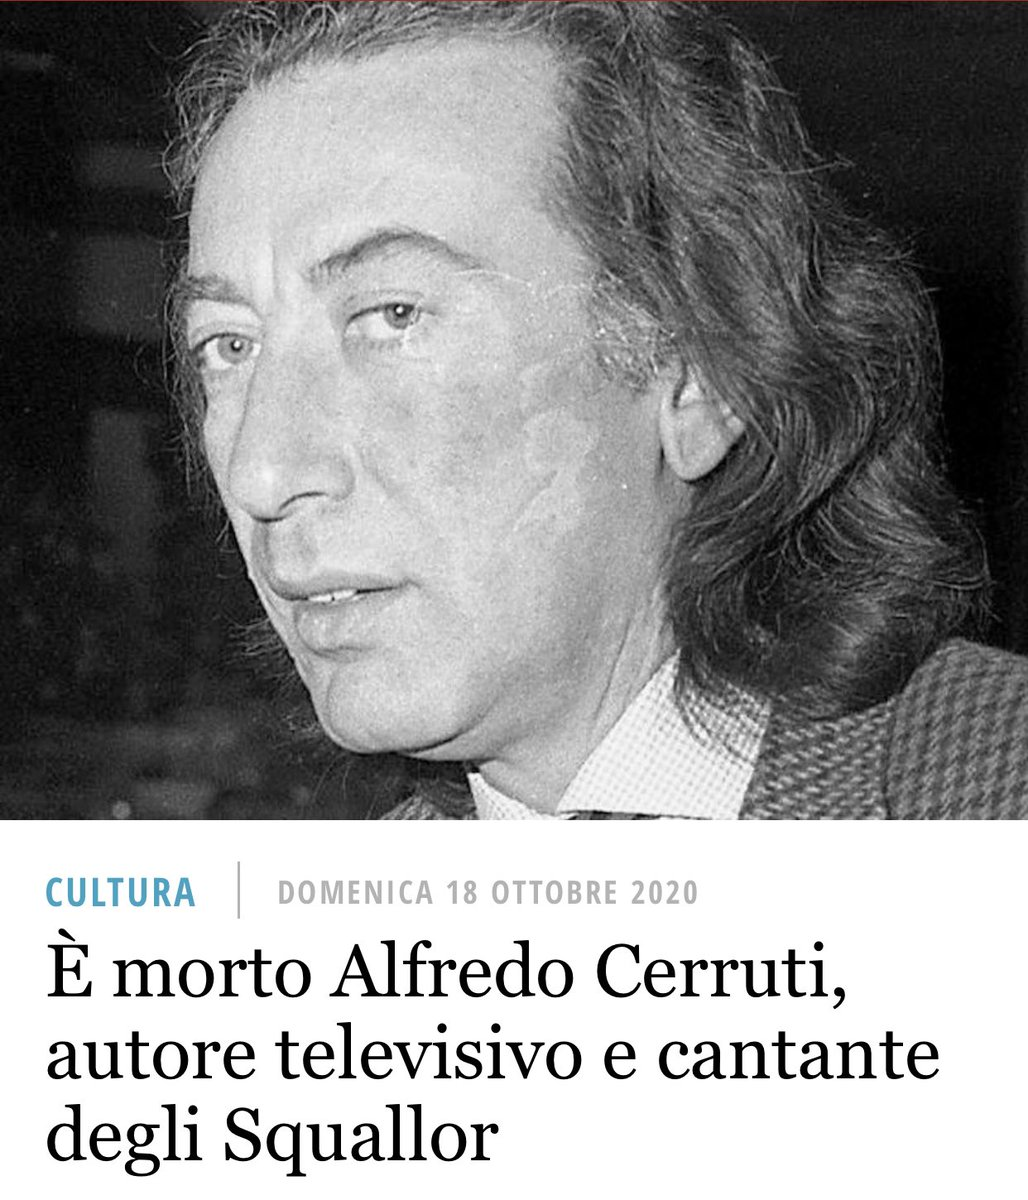 Ho cominciato a lavorare in tv perché scelta da Alfredo Cerruti #rip ❤️ https://t.co/D1L9A7YSmZ